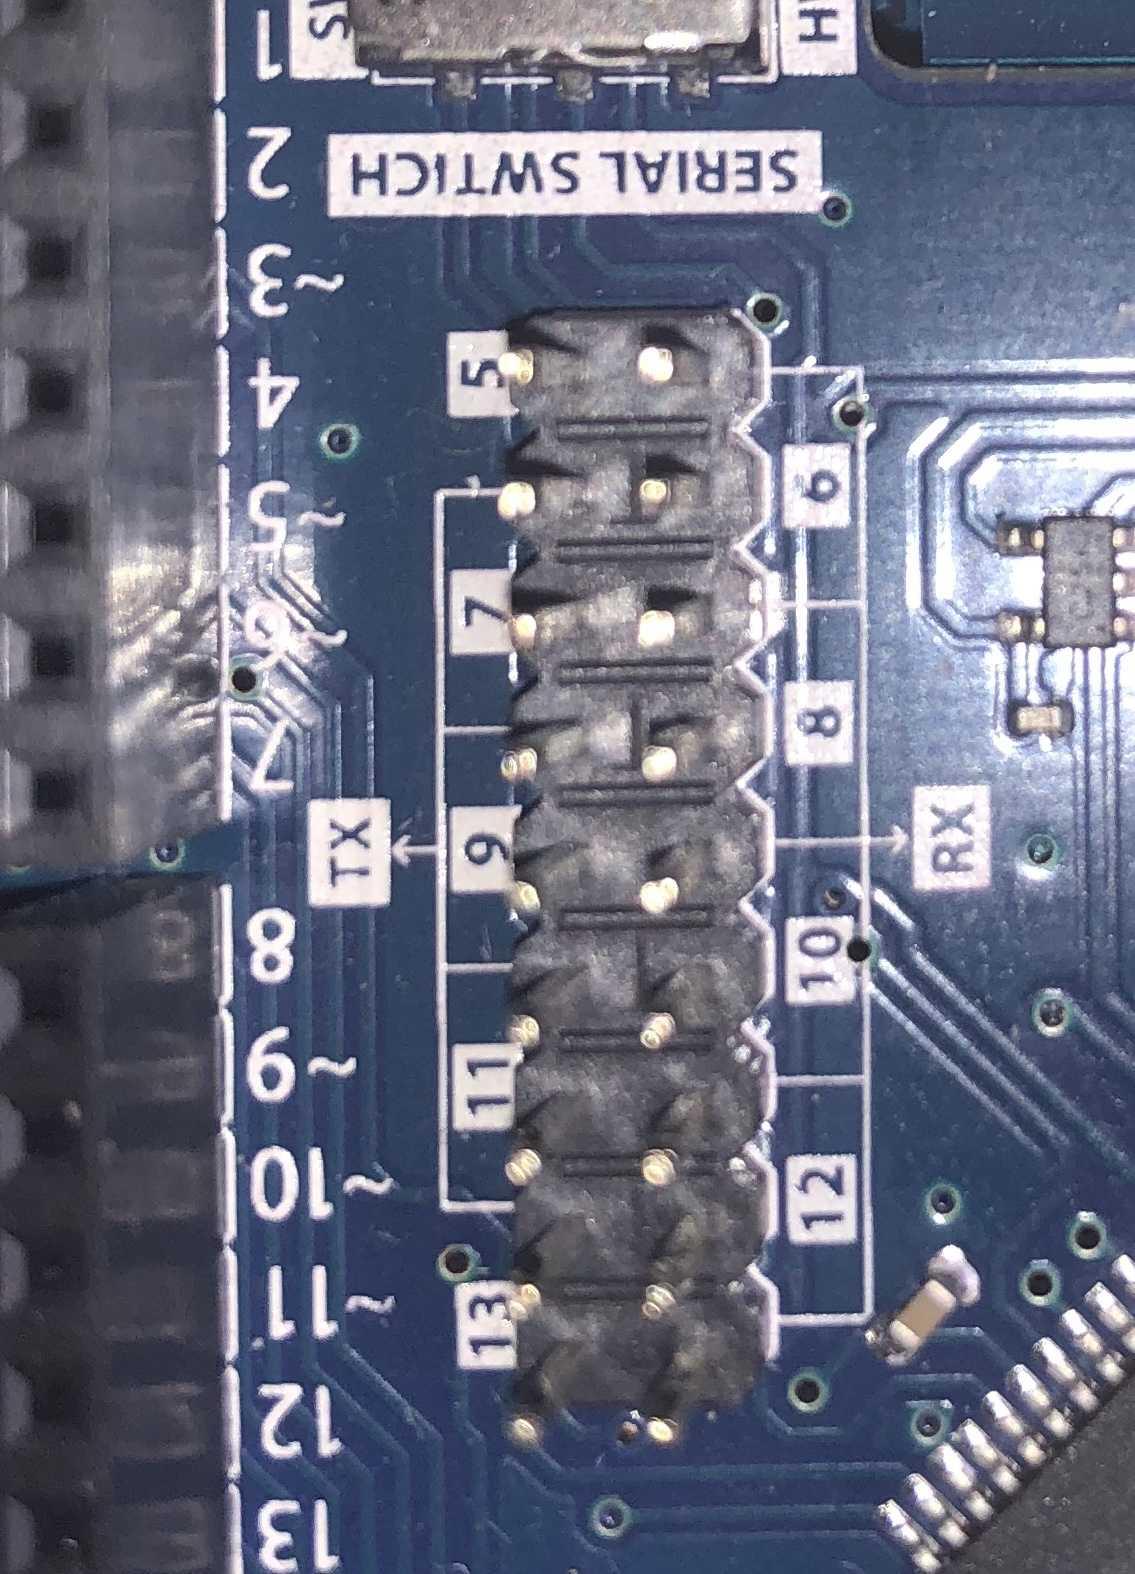 Statt den hardwaremäßigen seriellen Port des Arduino zur Kommunikation zu benutzen, bietet 1Sheeld+ eine Pinreihe, um alternative Pins zu benutzen. Dazu sind die jeweils erwünschten Pins zu jumpern.